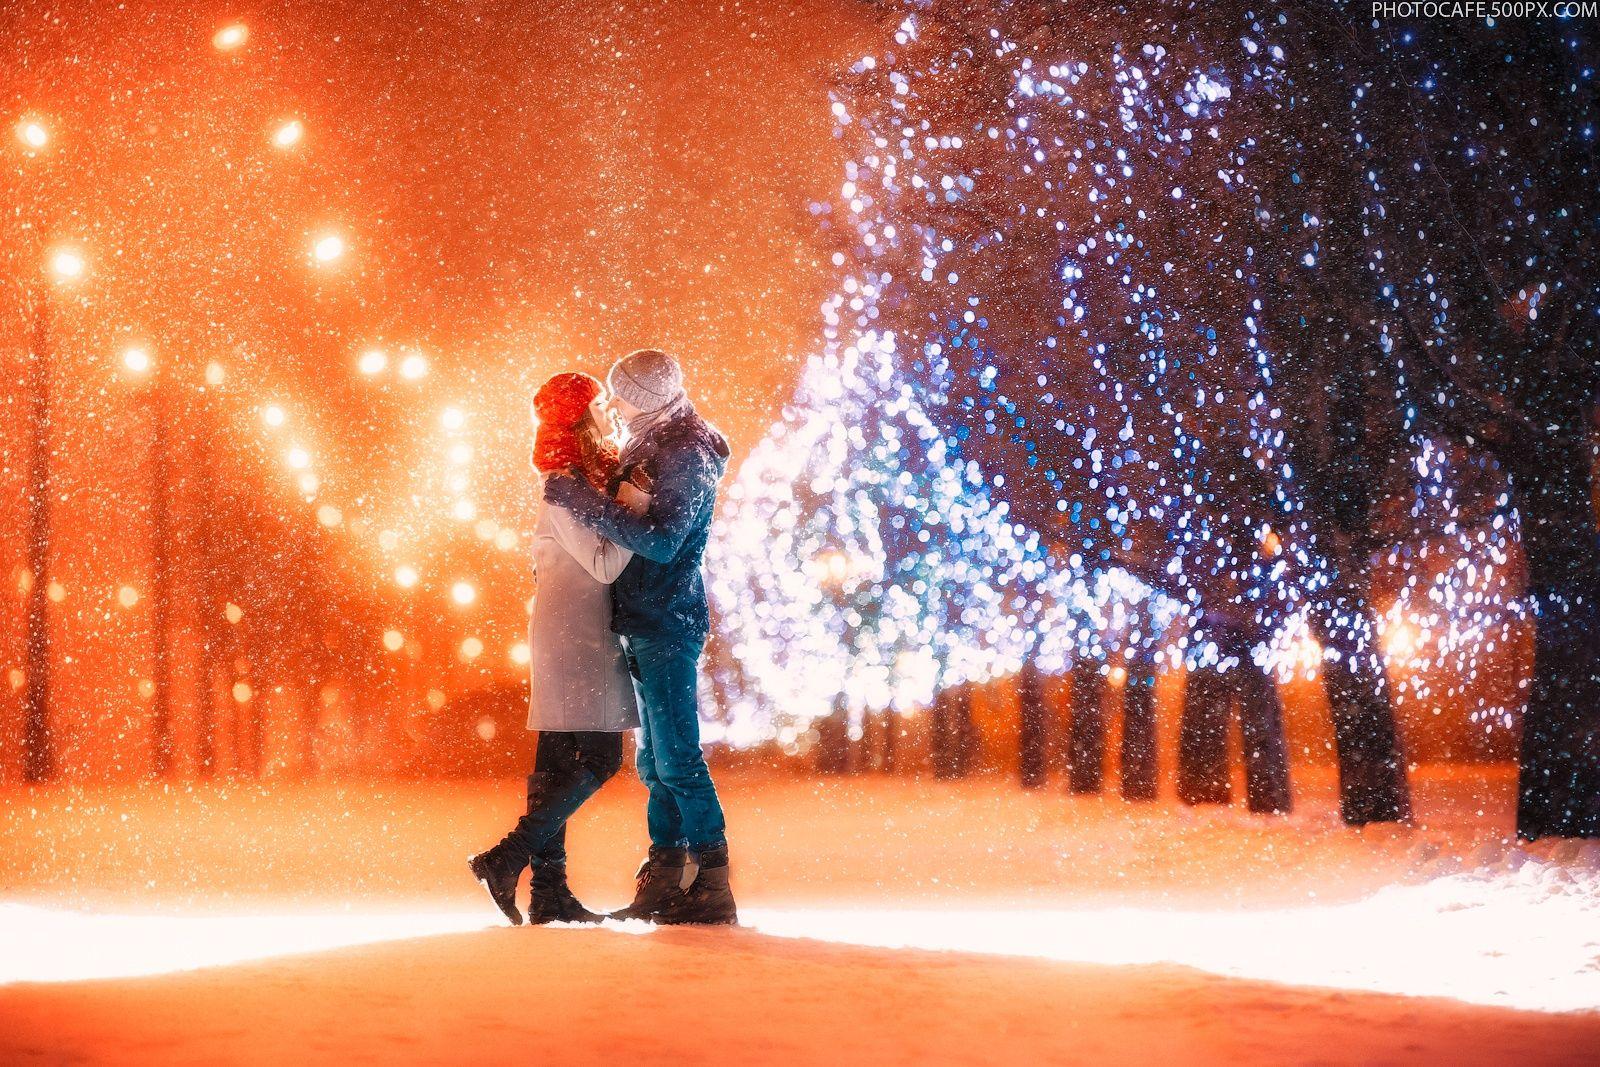 зимняя прогулка с любимым картинки гифы сочная